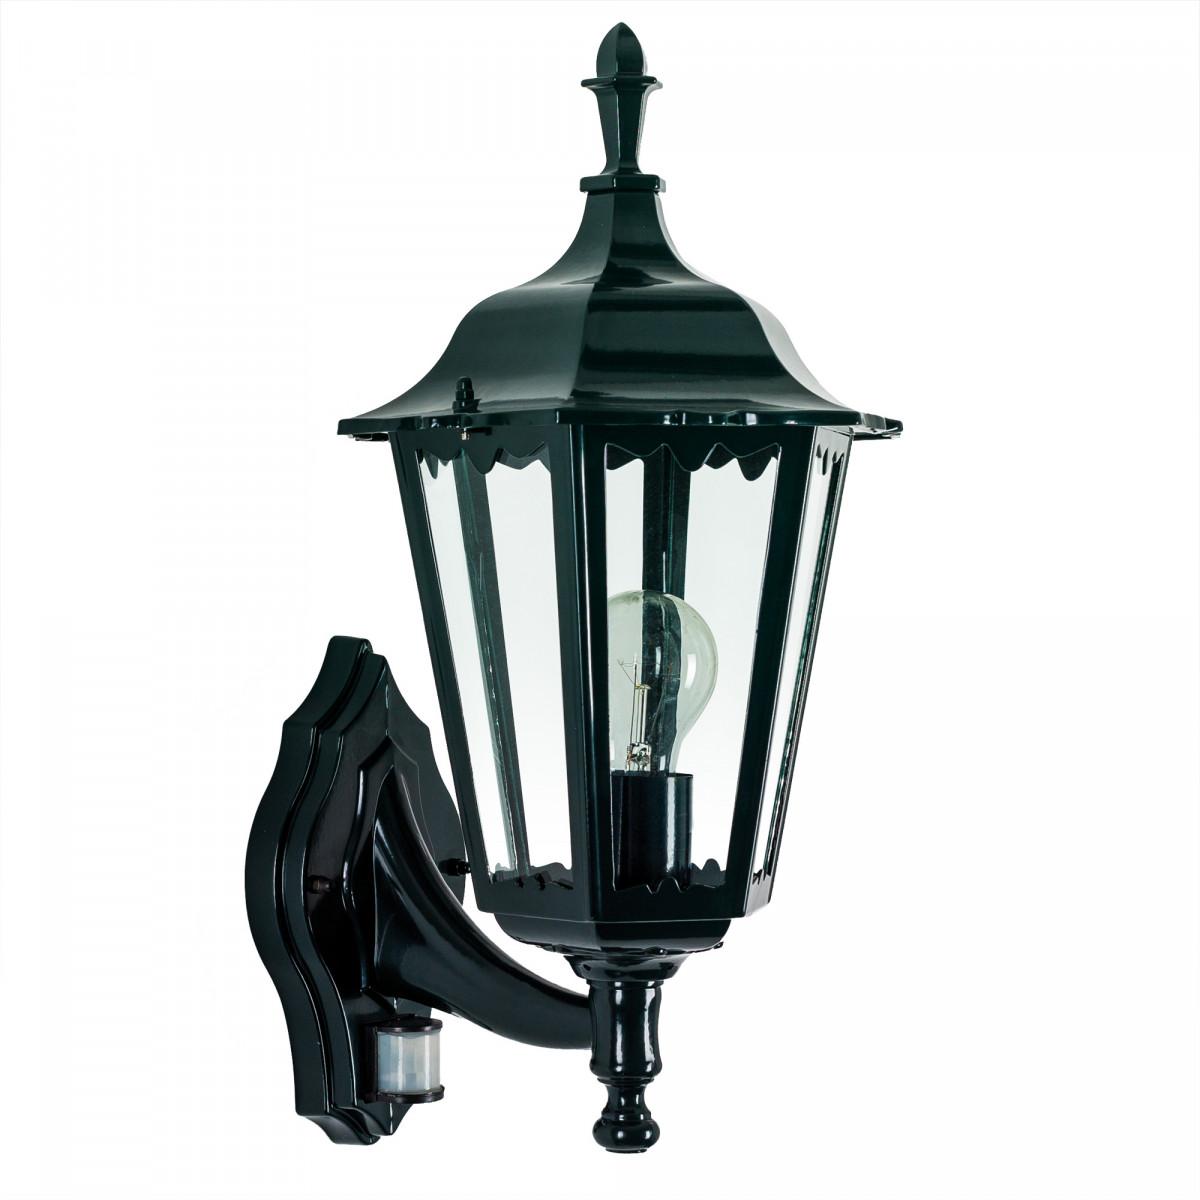 Muurlamp Ancona staand met sensor